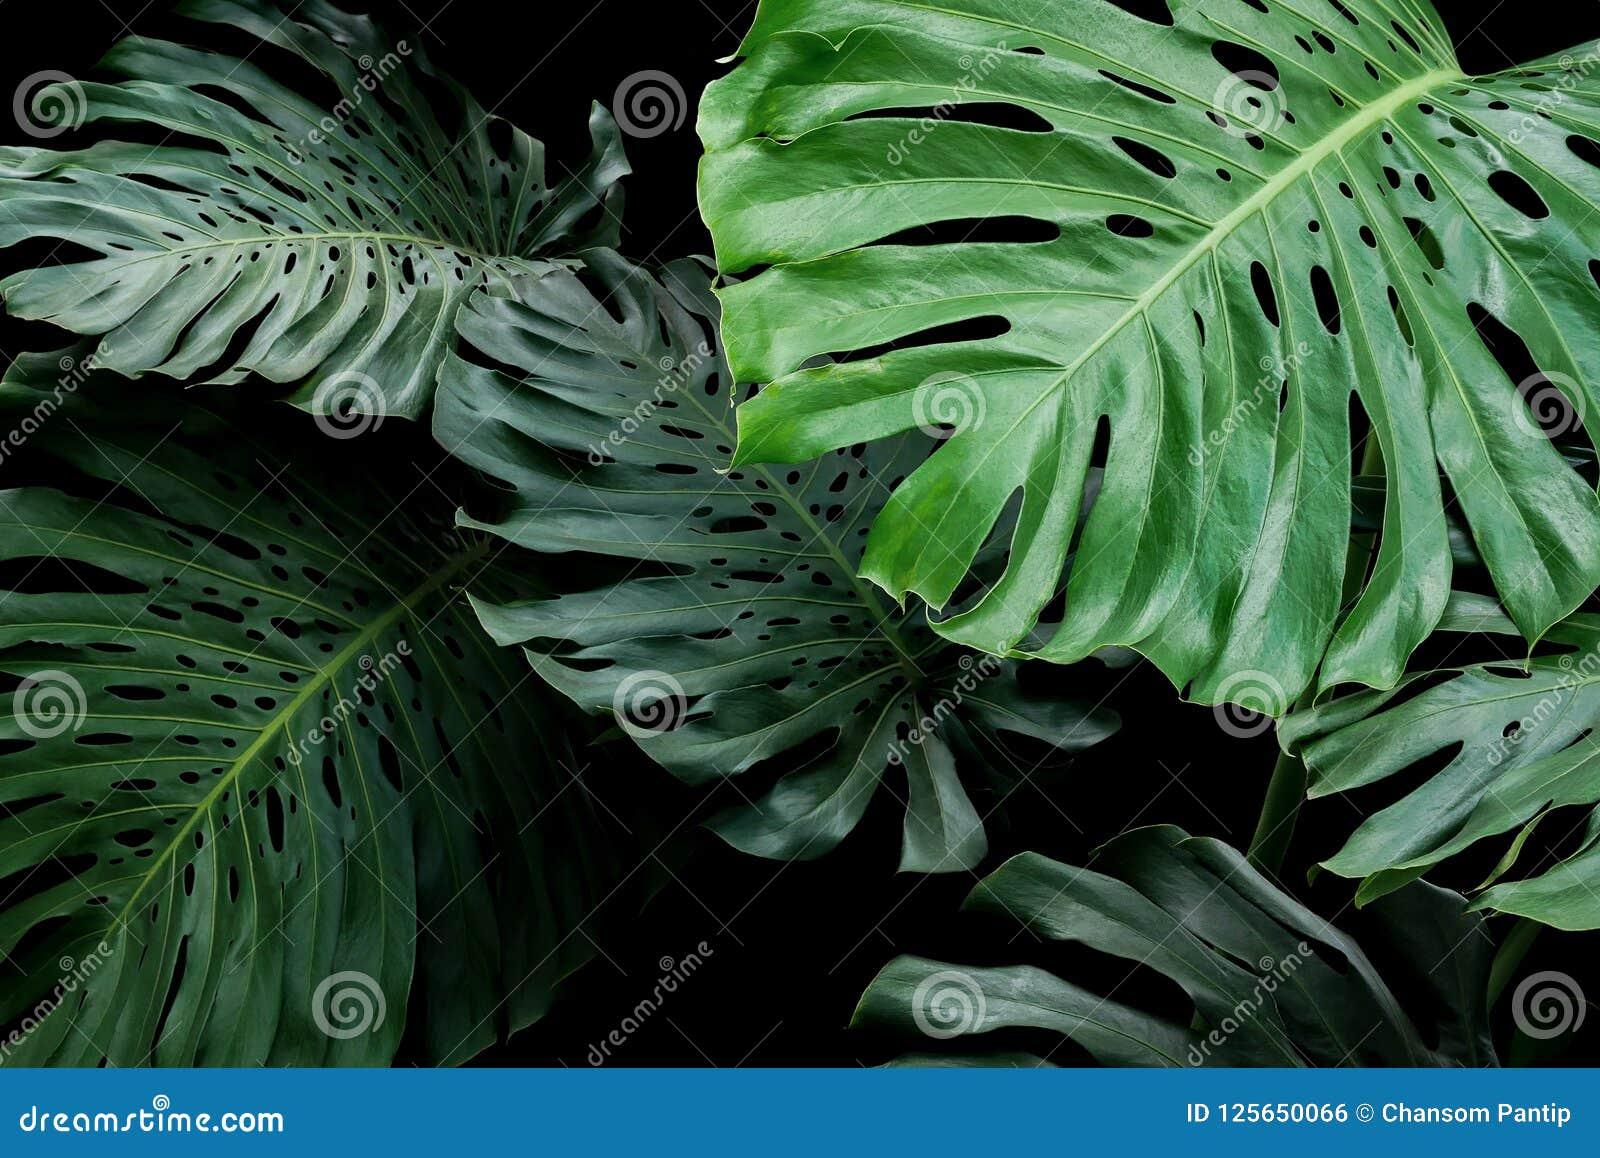 Modèle floral exotique de feuilles tropicales de philodendron de feuille de fente